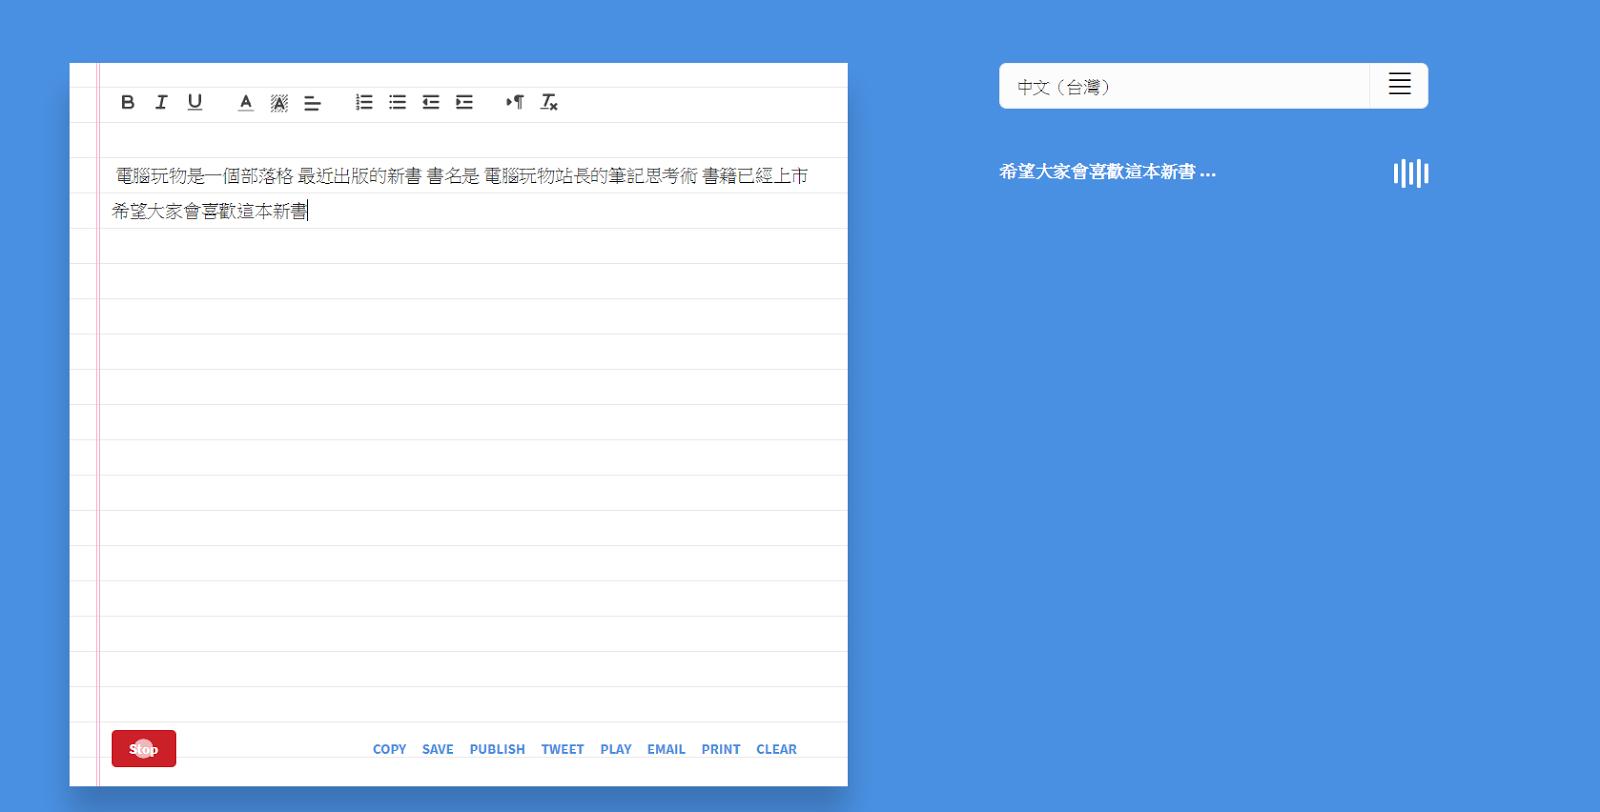 Voice Dictation 免裝軟體線上聽寫筆記。支援語音轉中文文字